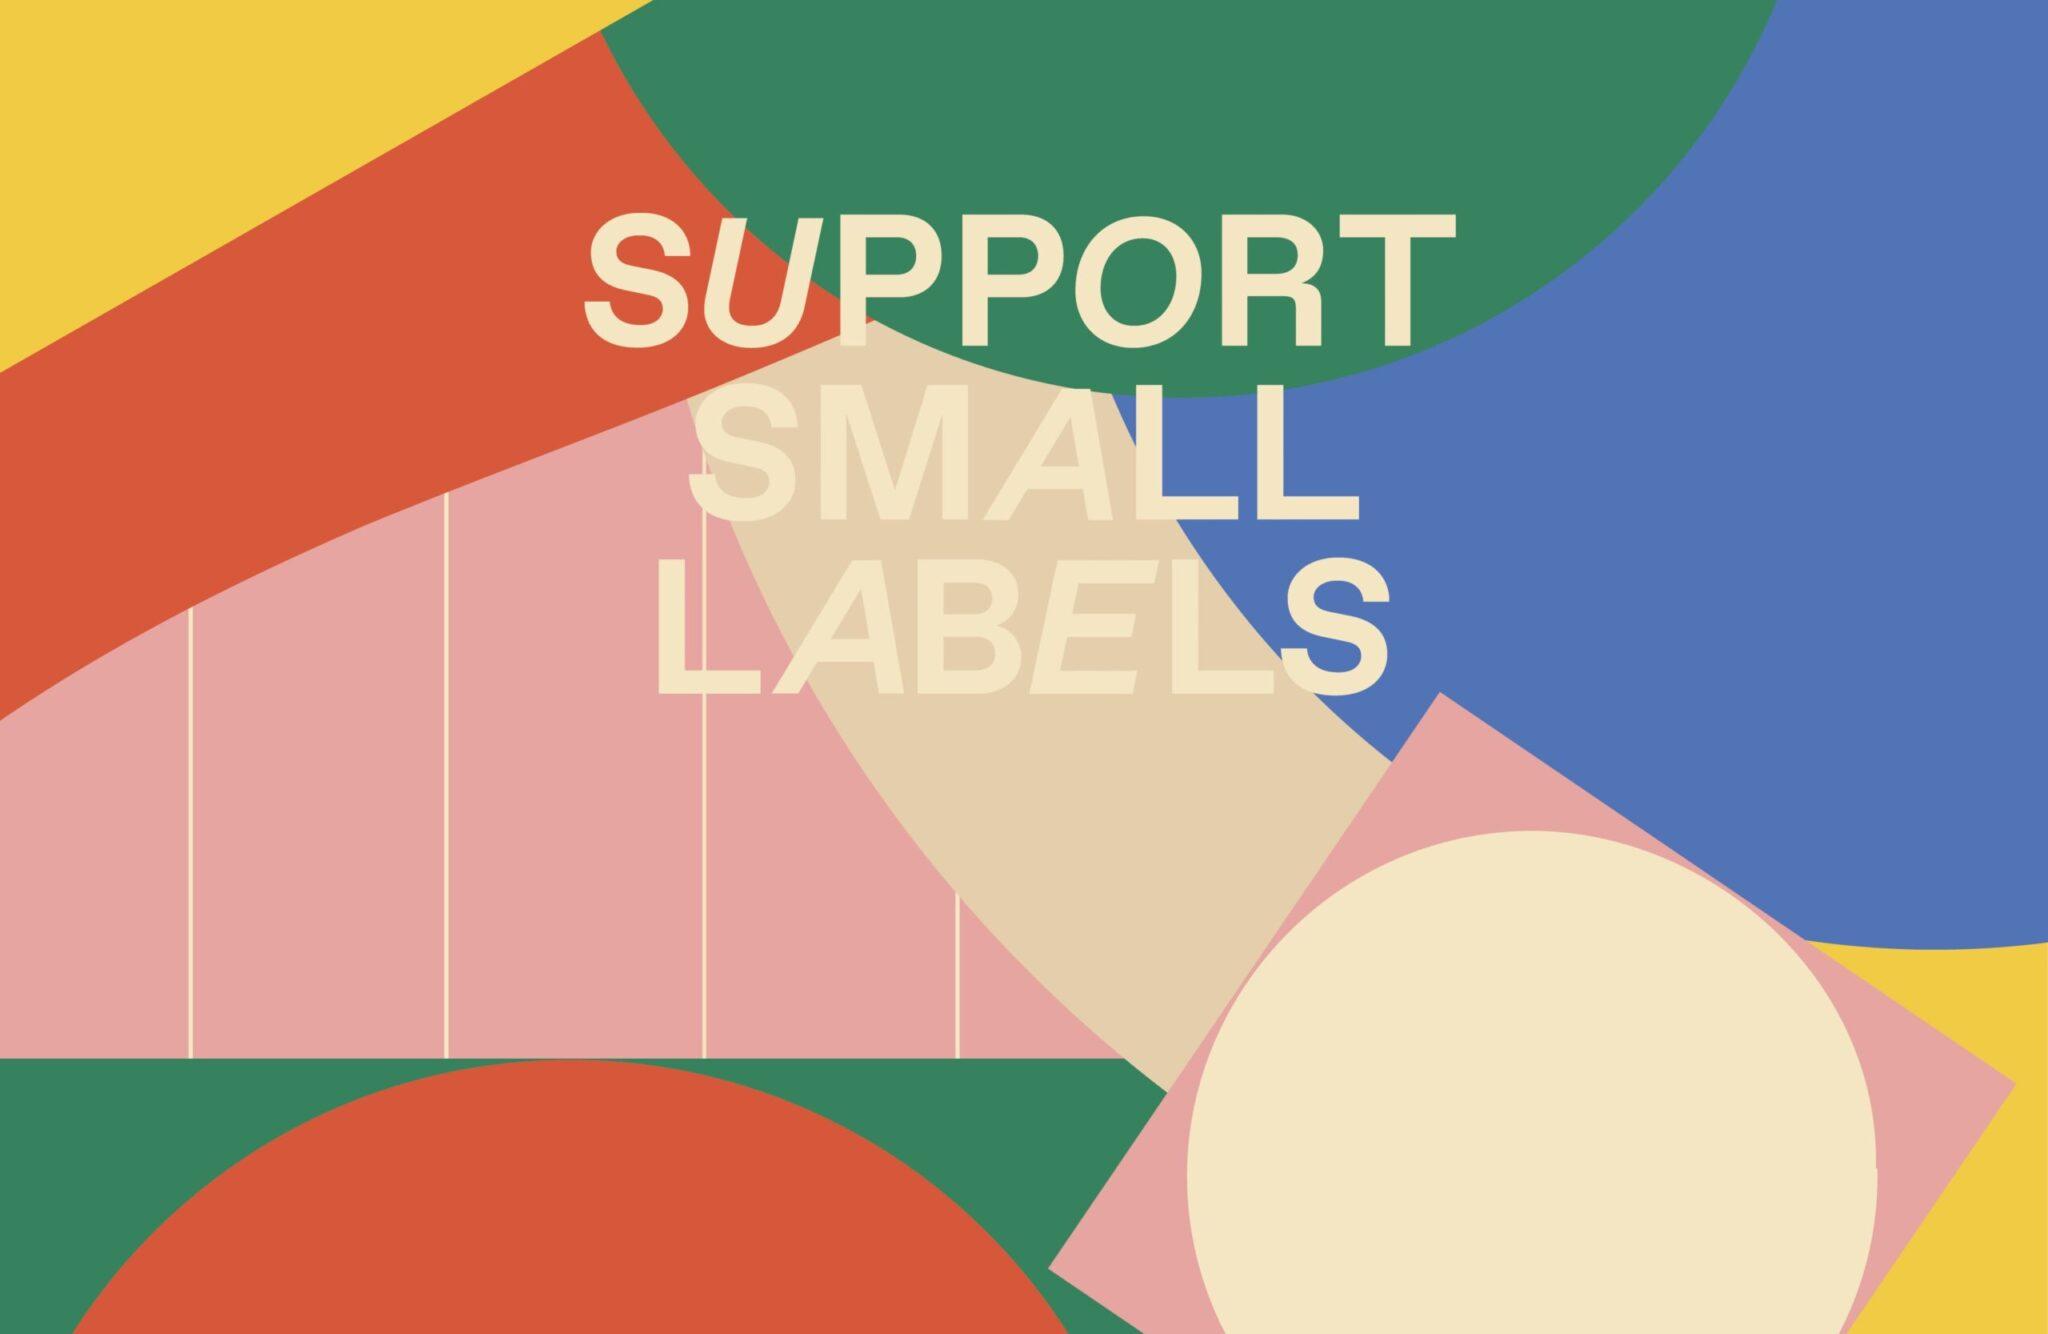 Support Small Labels unterstützt kleine, unabhänigige Schweizer Labels. Livia Naef ist neu Teil von Support Small Labels.